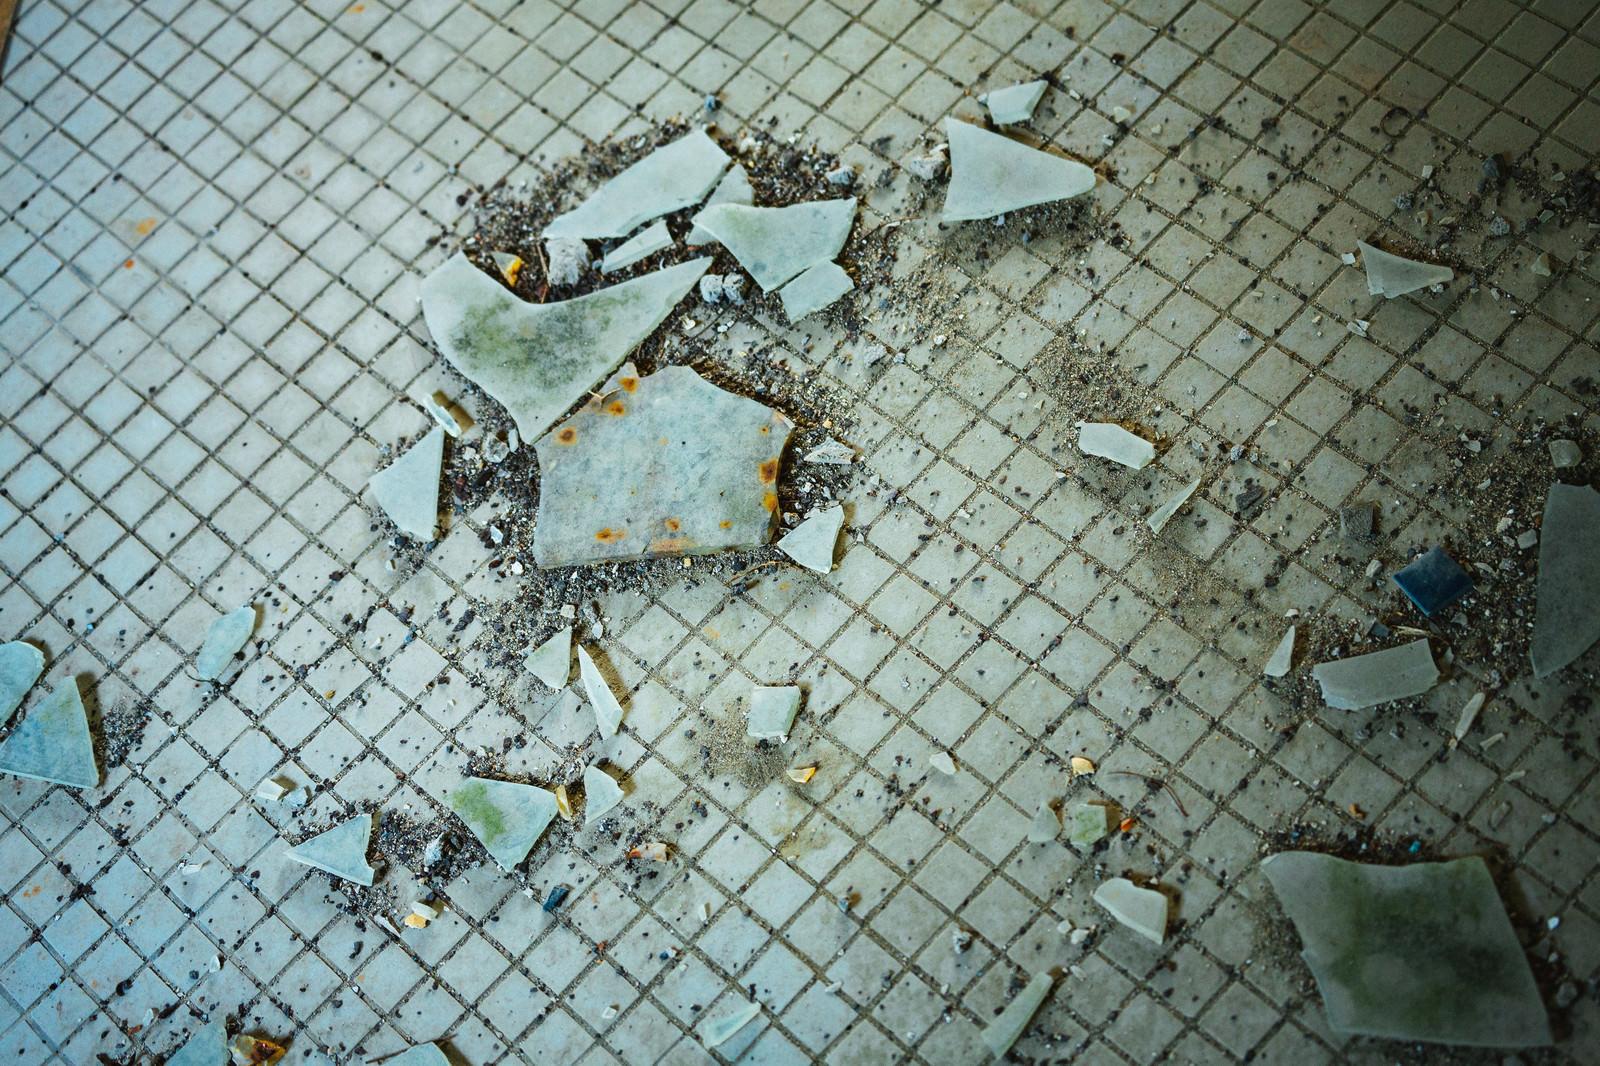 「汚れたタイルと飛び散るガラス片」の写真